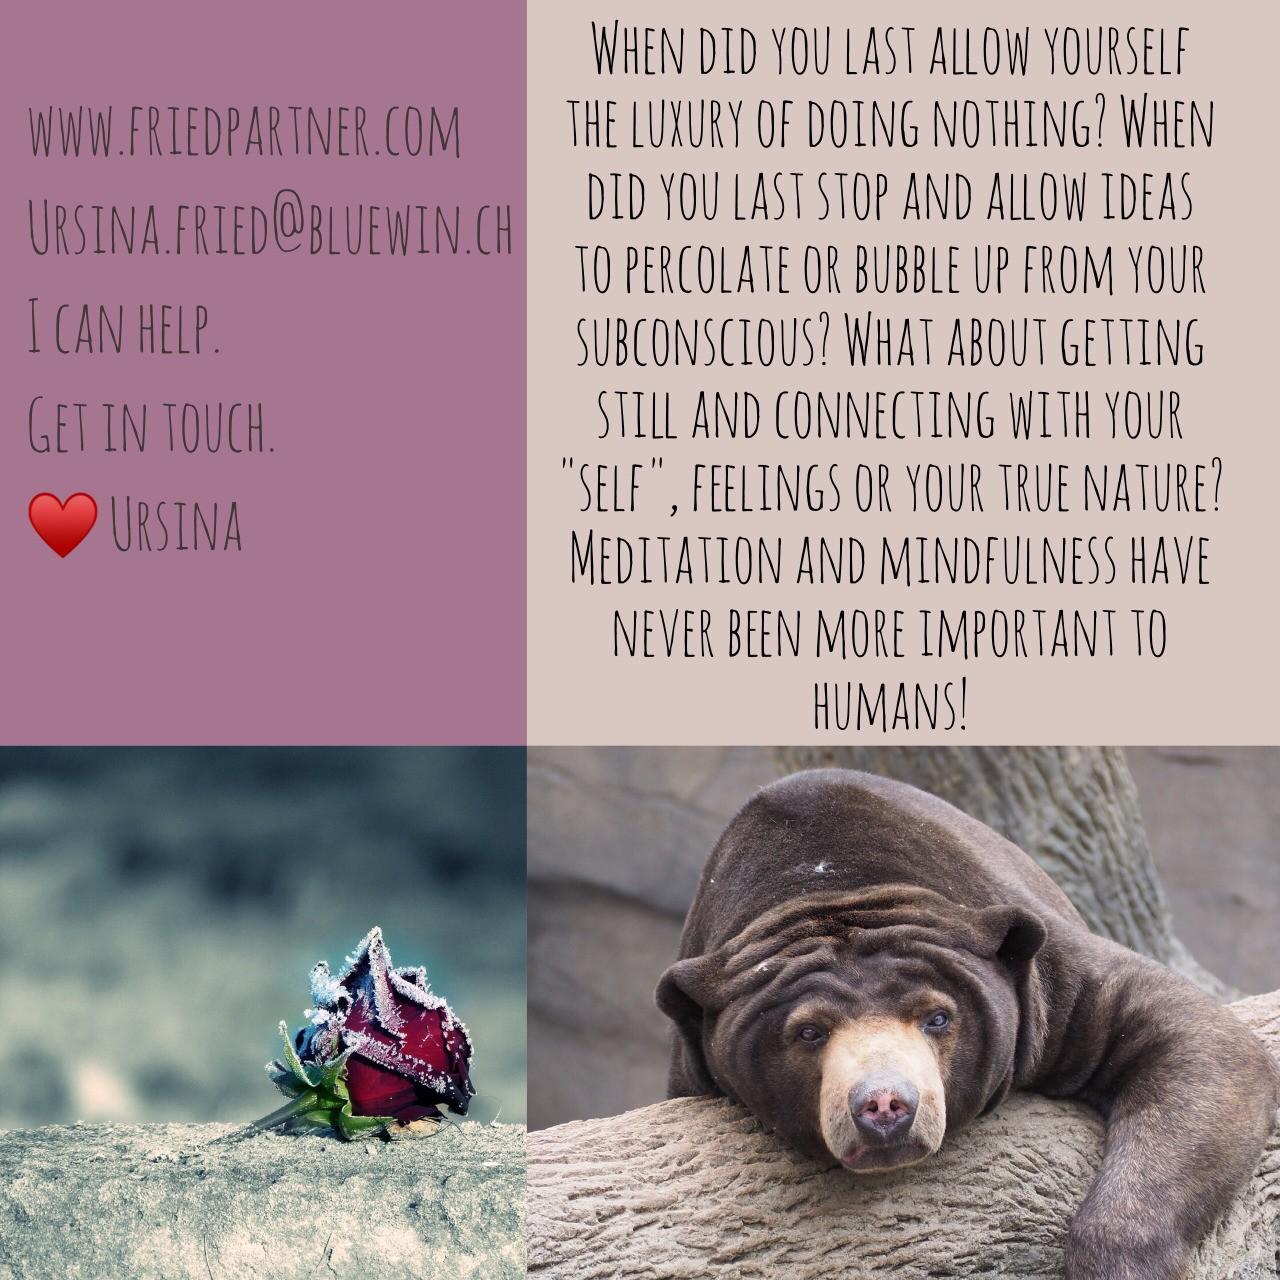 Wann hast du dir das gegönnt? Wann durfte dein Unbewusstes mehr für dich tun? Hypnose und Coaching können dir helfen, diese Selfcare Fenster zu finden und zu nutzen. ❤️ Ursina #coaching #changeisgood #transformation #nlpmaster #hypnoses #shamanichealing